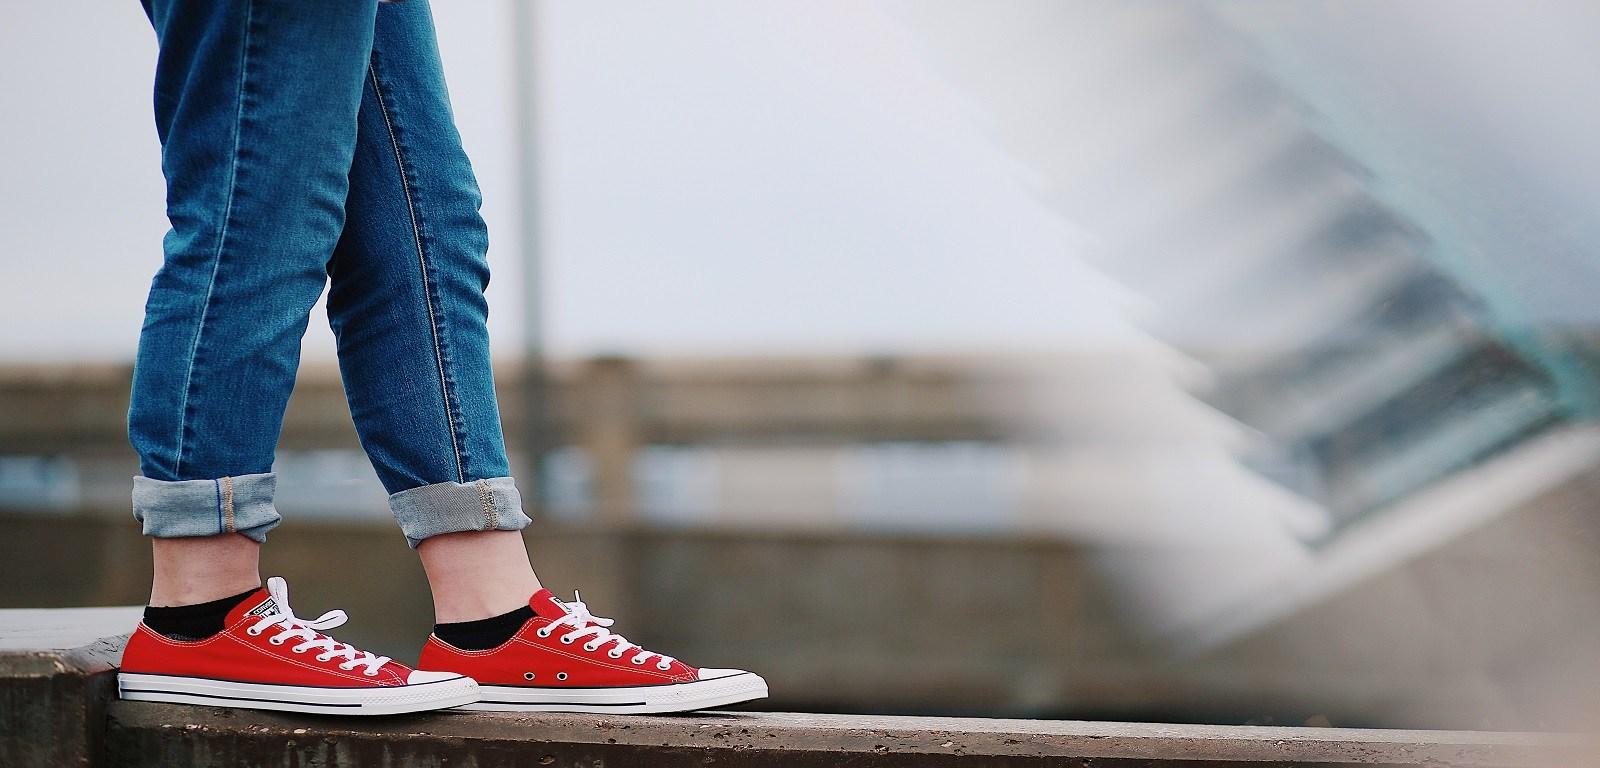 violenza domestica - scarpe rosse